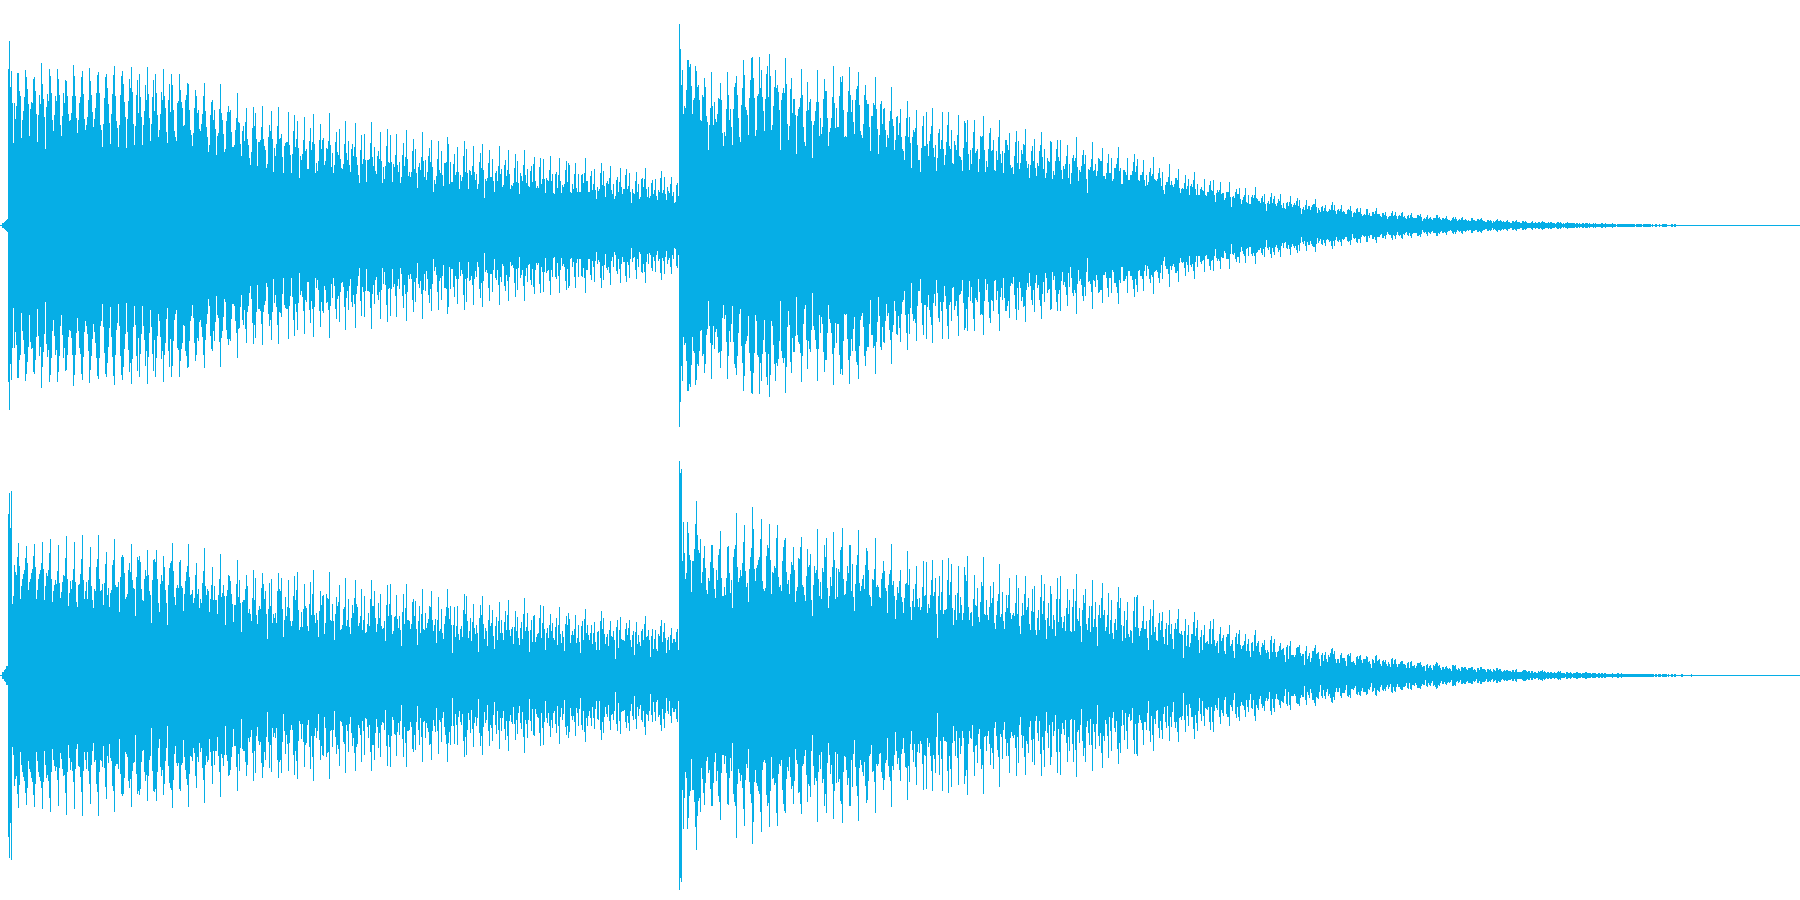 ボーン、ボーンという時計の鐘の音ですの再生済みの波形